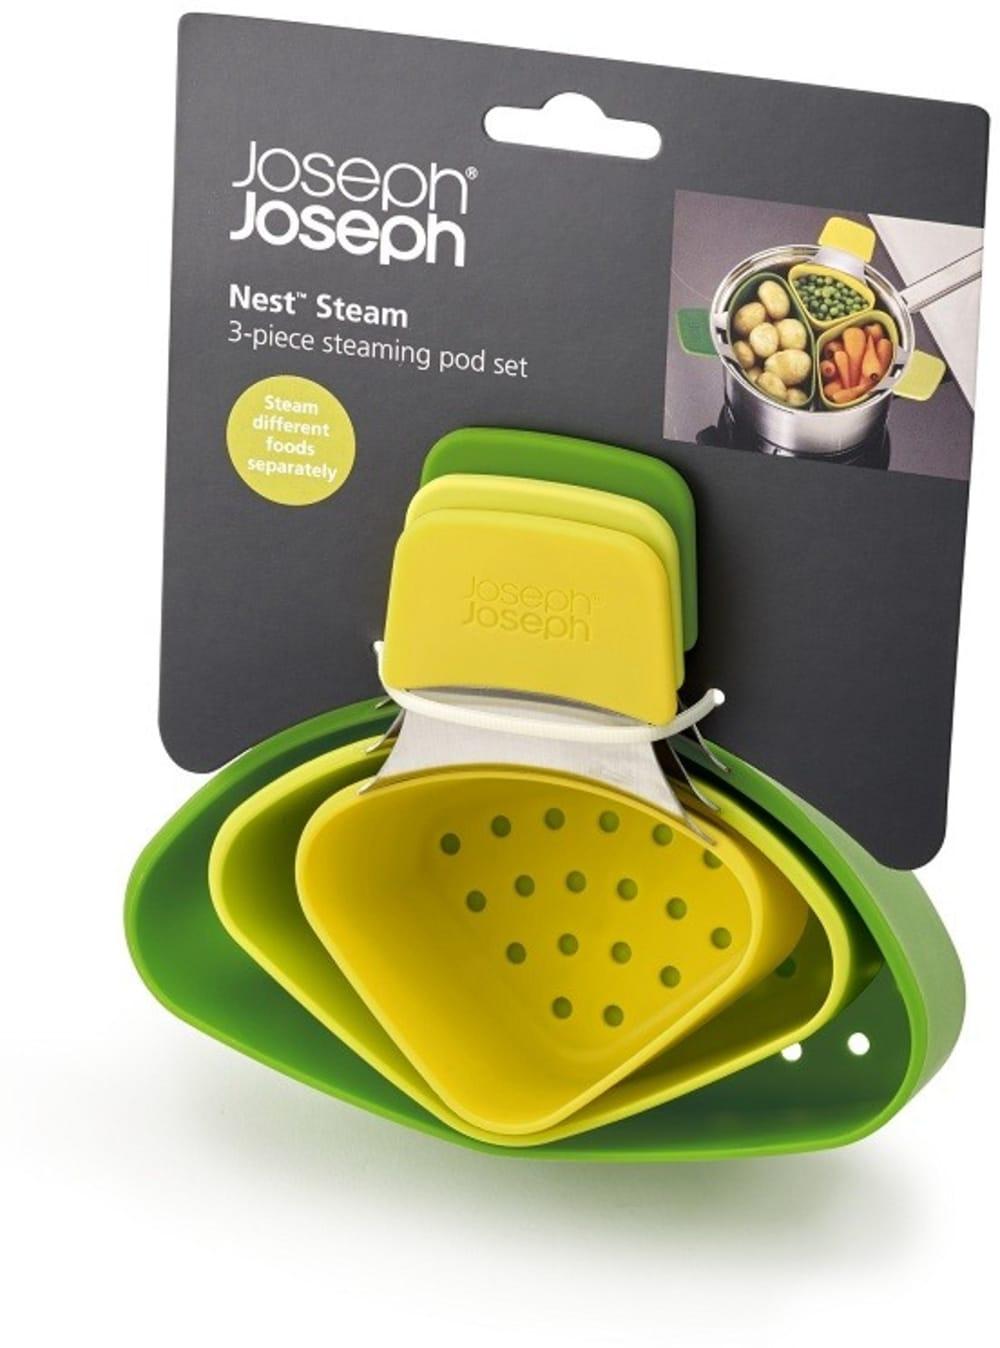 Trzy częściowy zestaw do gotowania na parze Nest Joseph Joseph